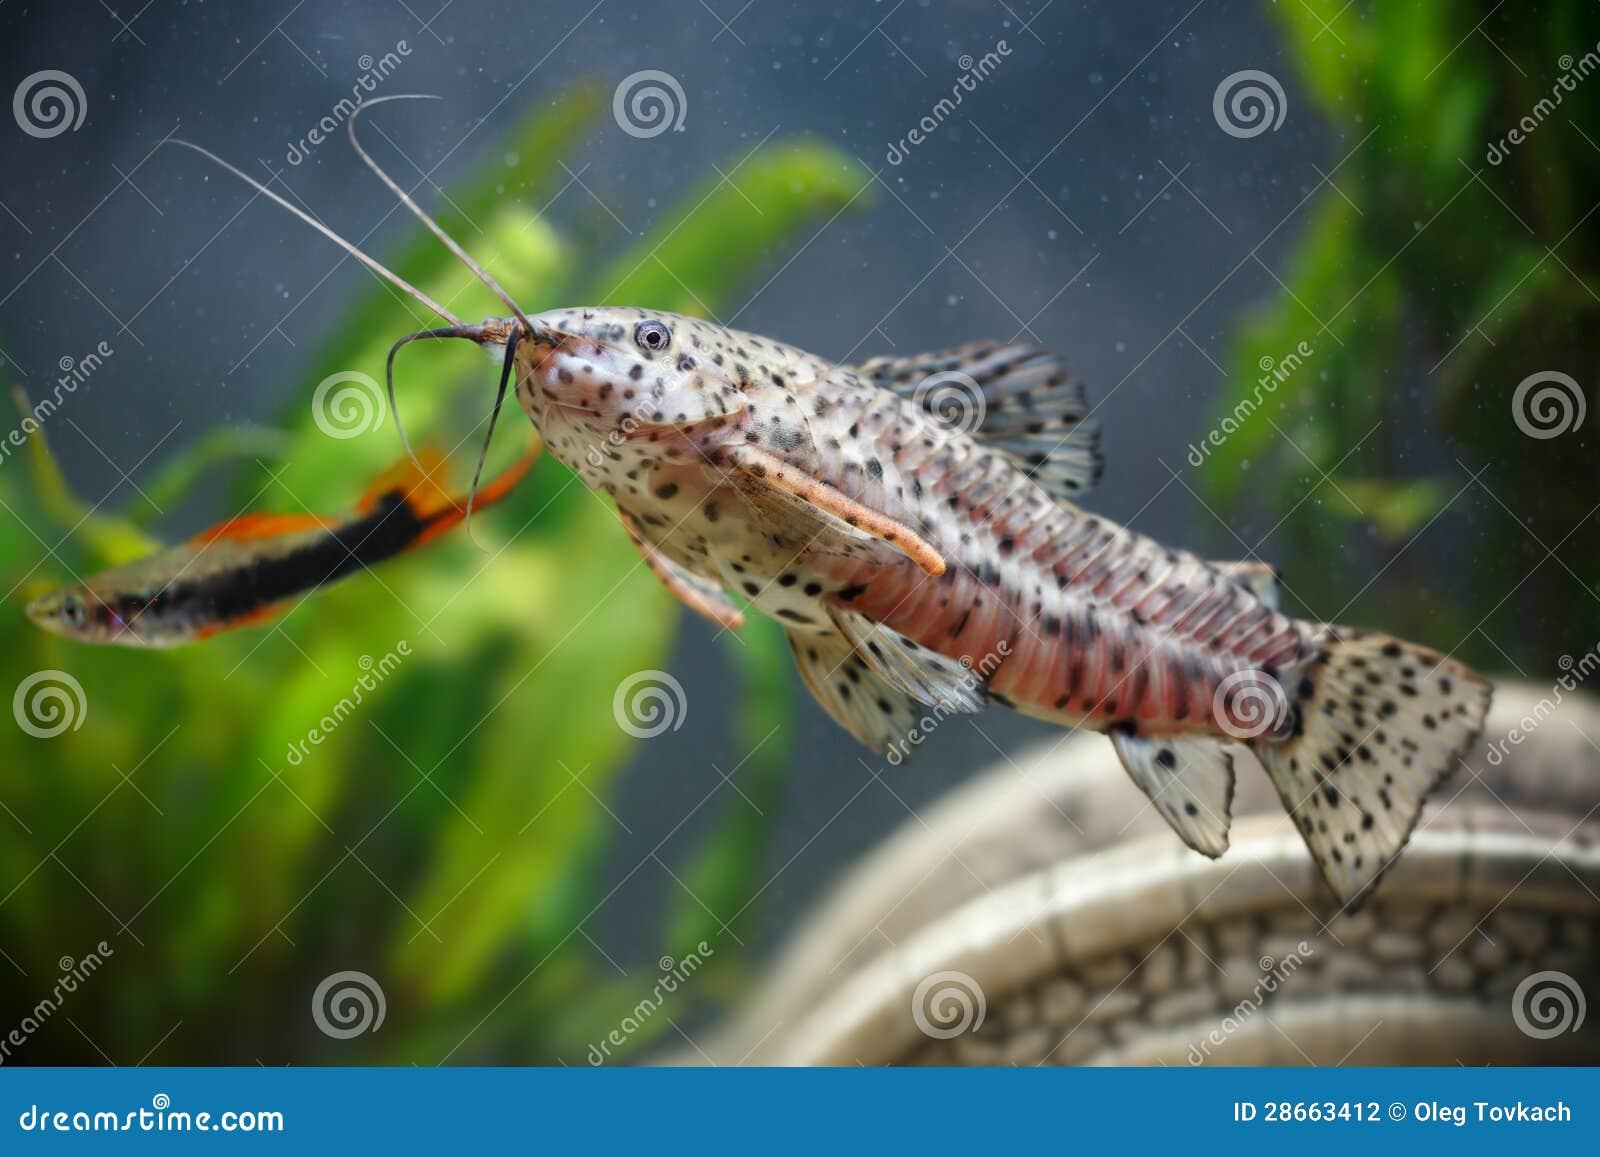 Aquarium Small Fishes ( Hoplosternum Thoracatum) Stock Photography ...